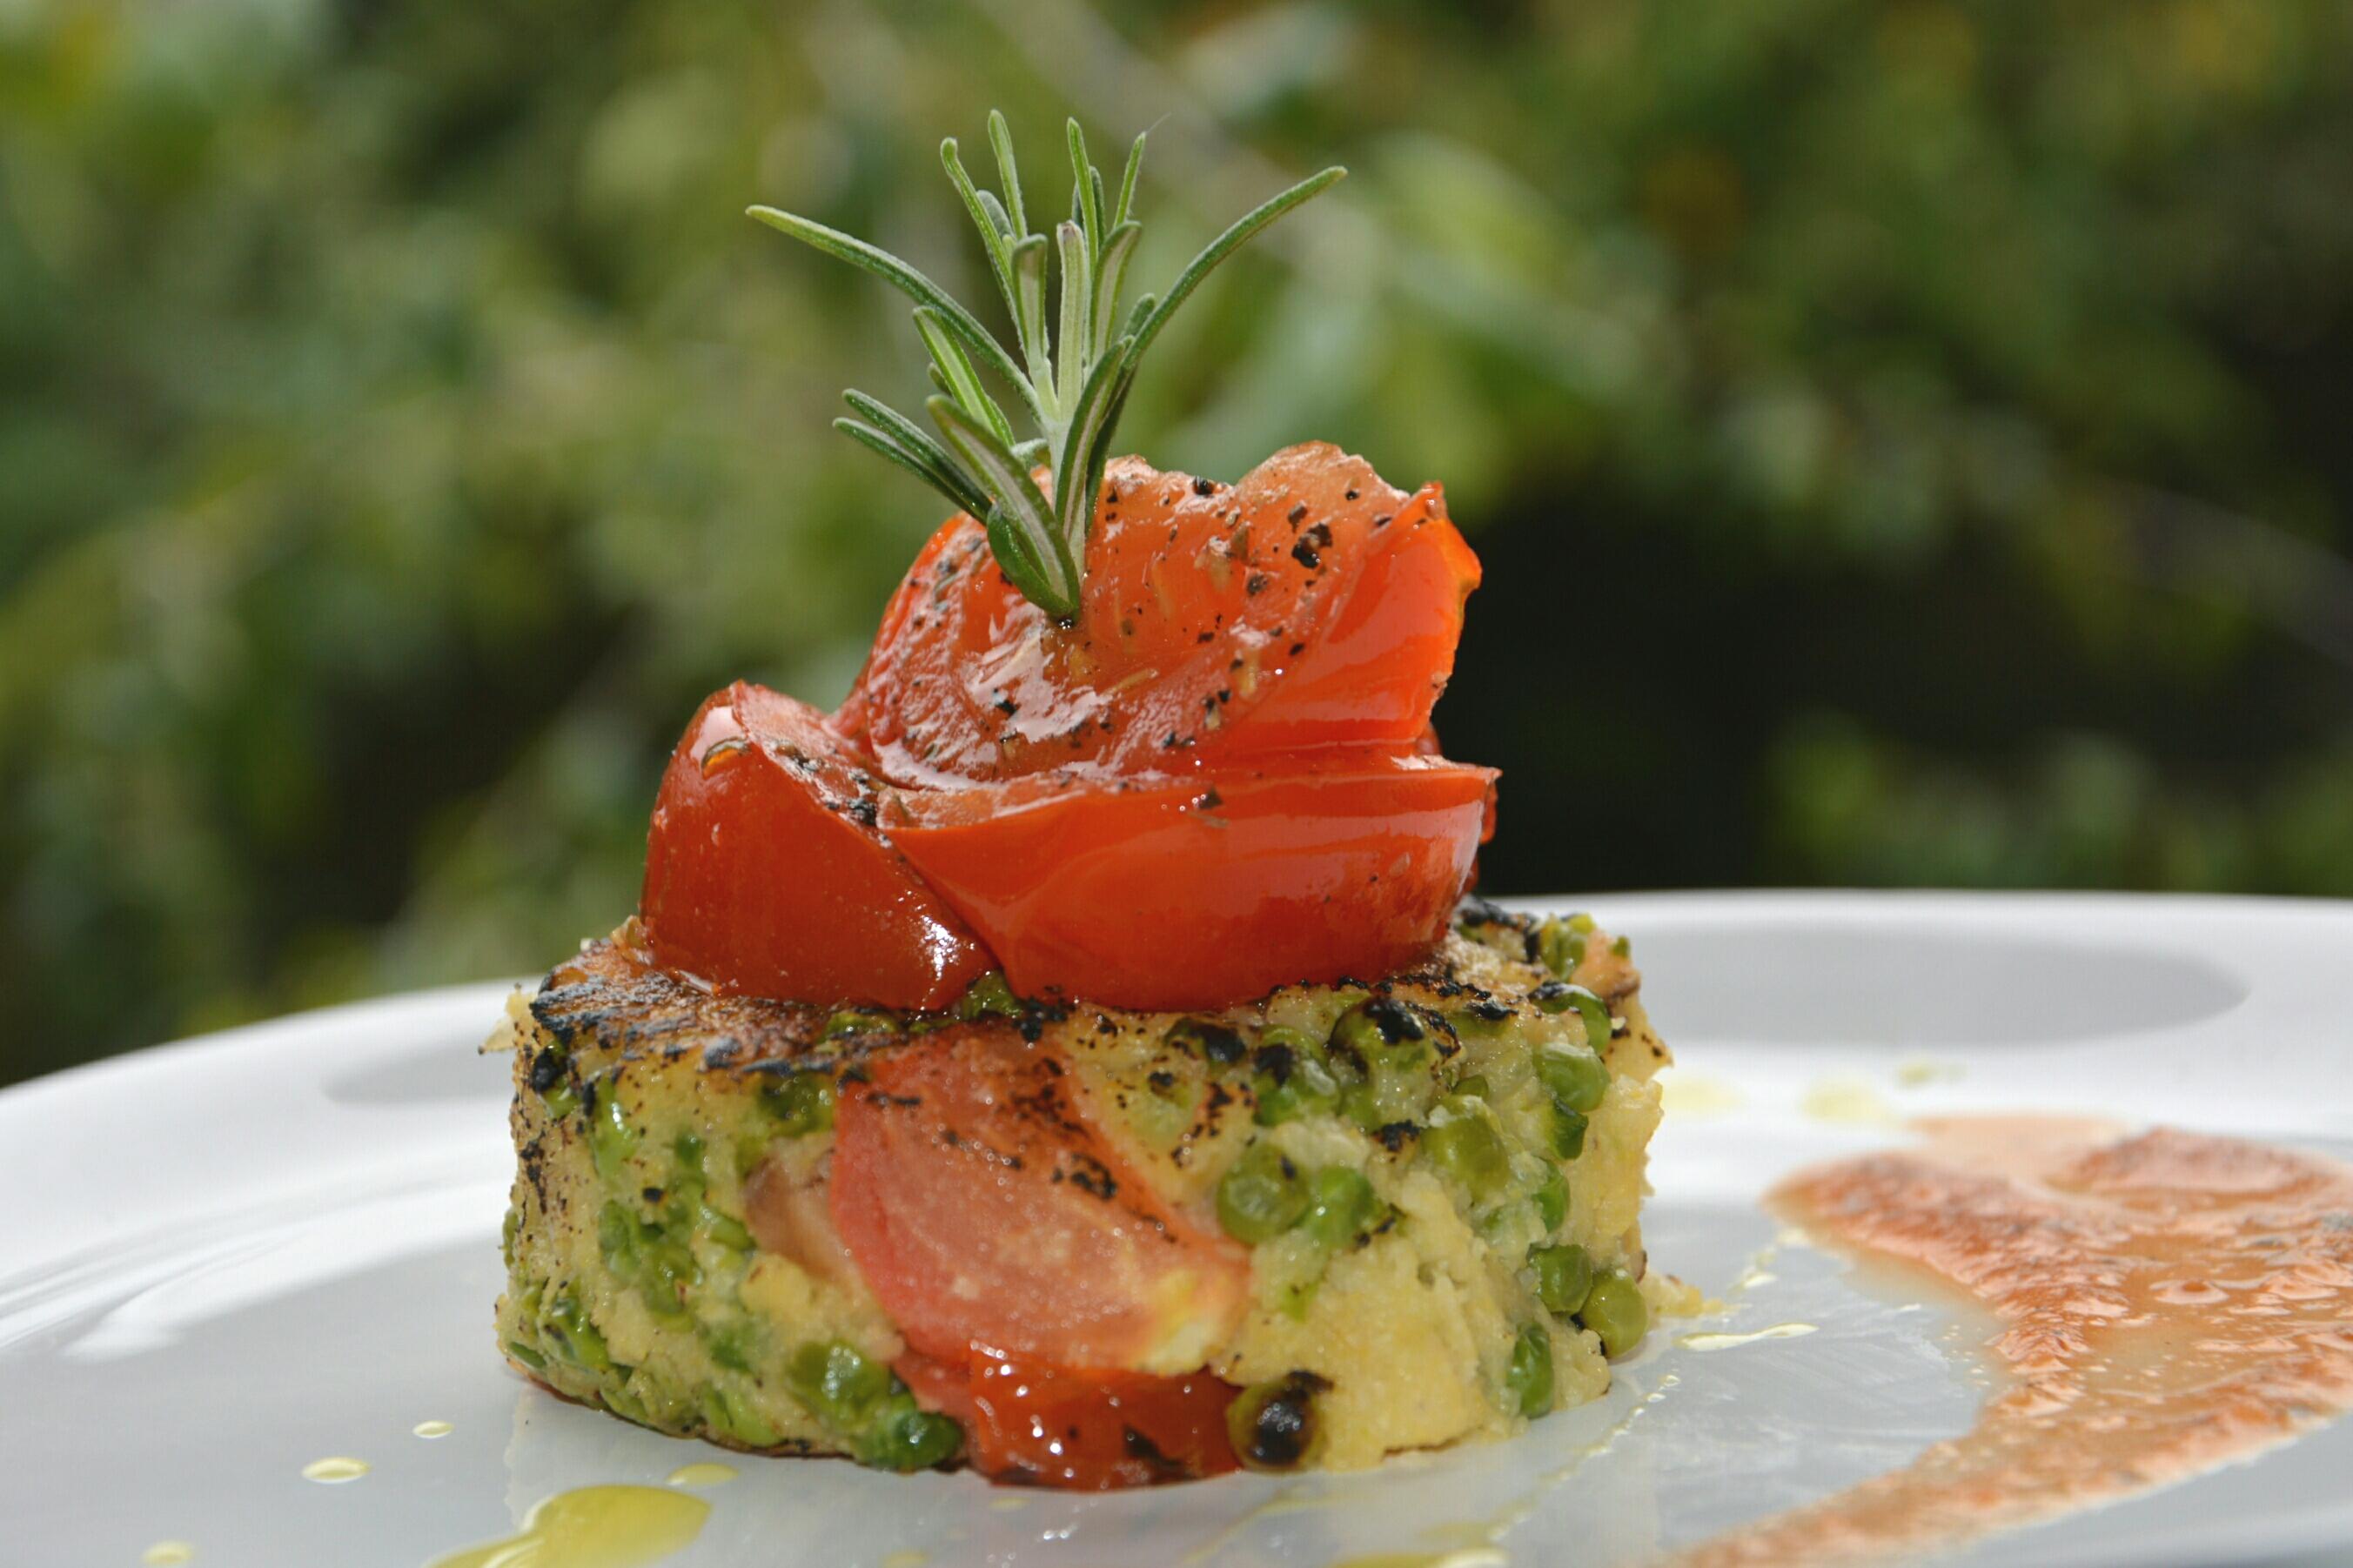 Palets de polenta aux petits pois tomates r ties 1 2 3 - Comment cuisiner des petit pois en boite ...